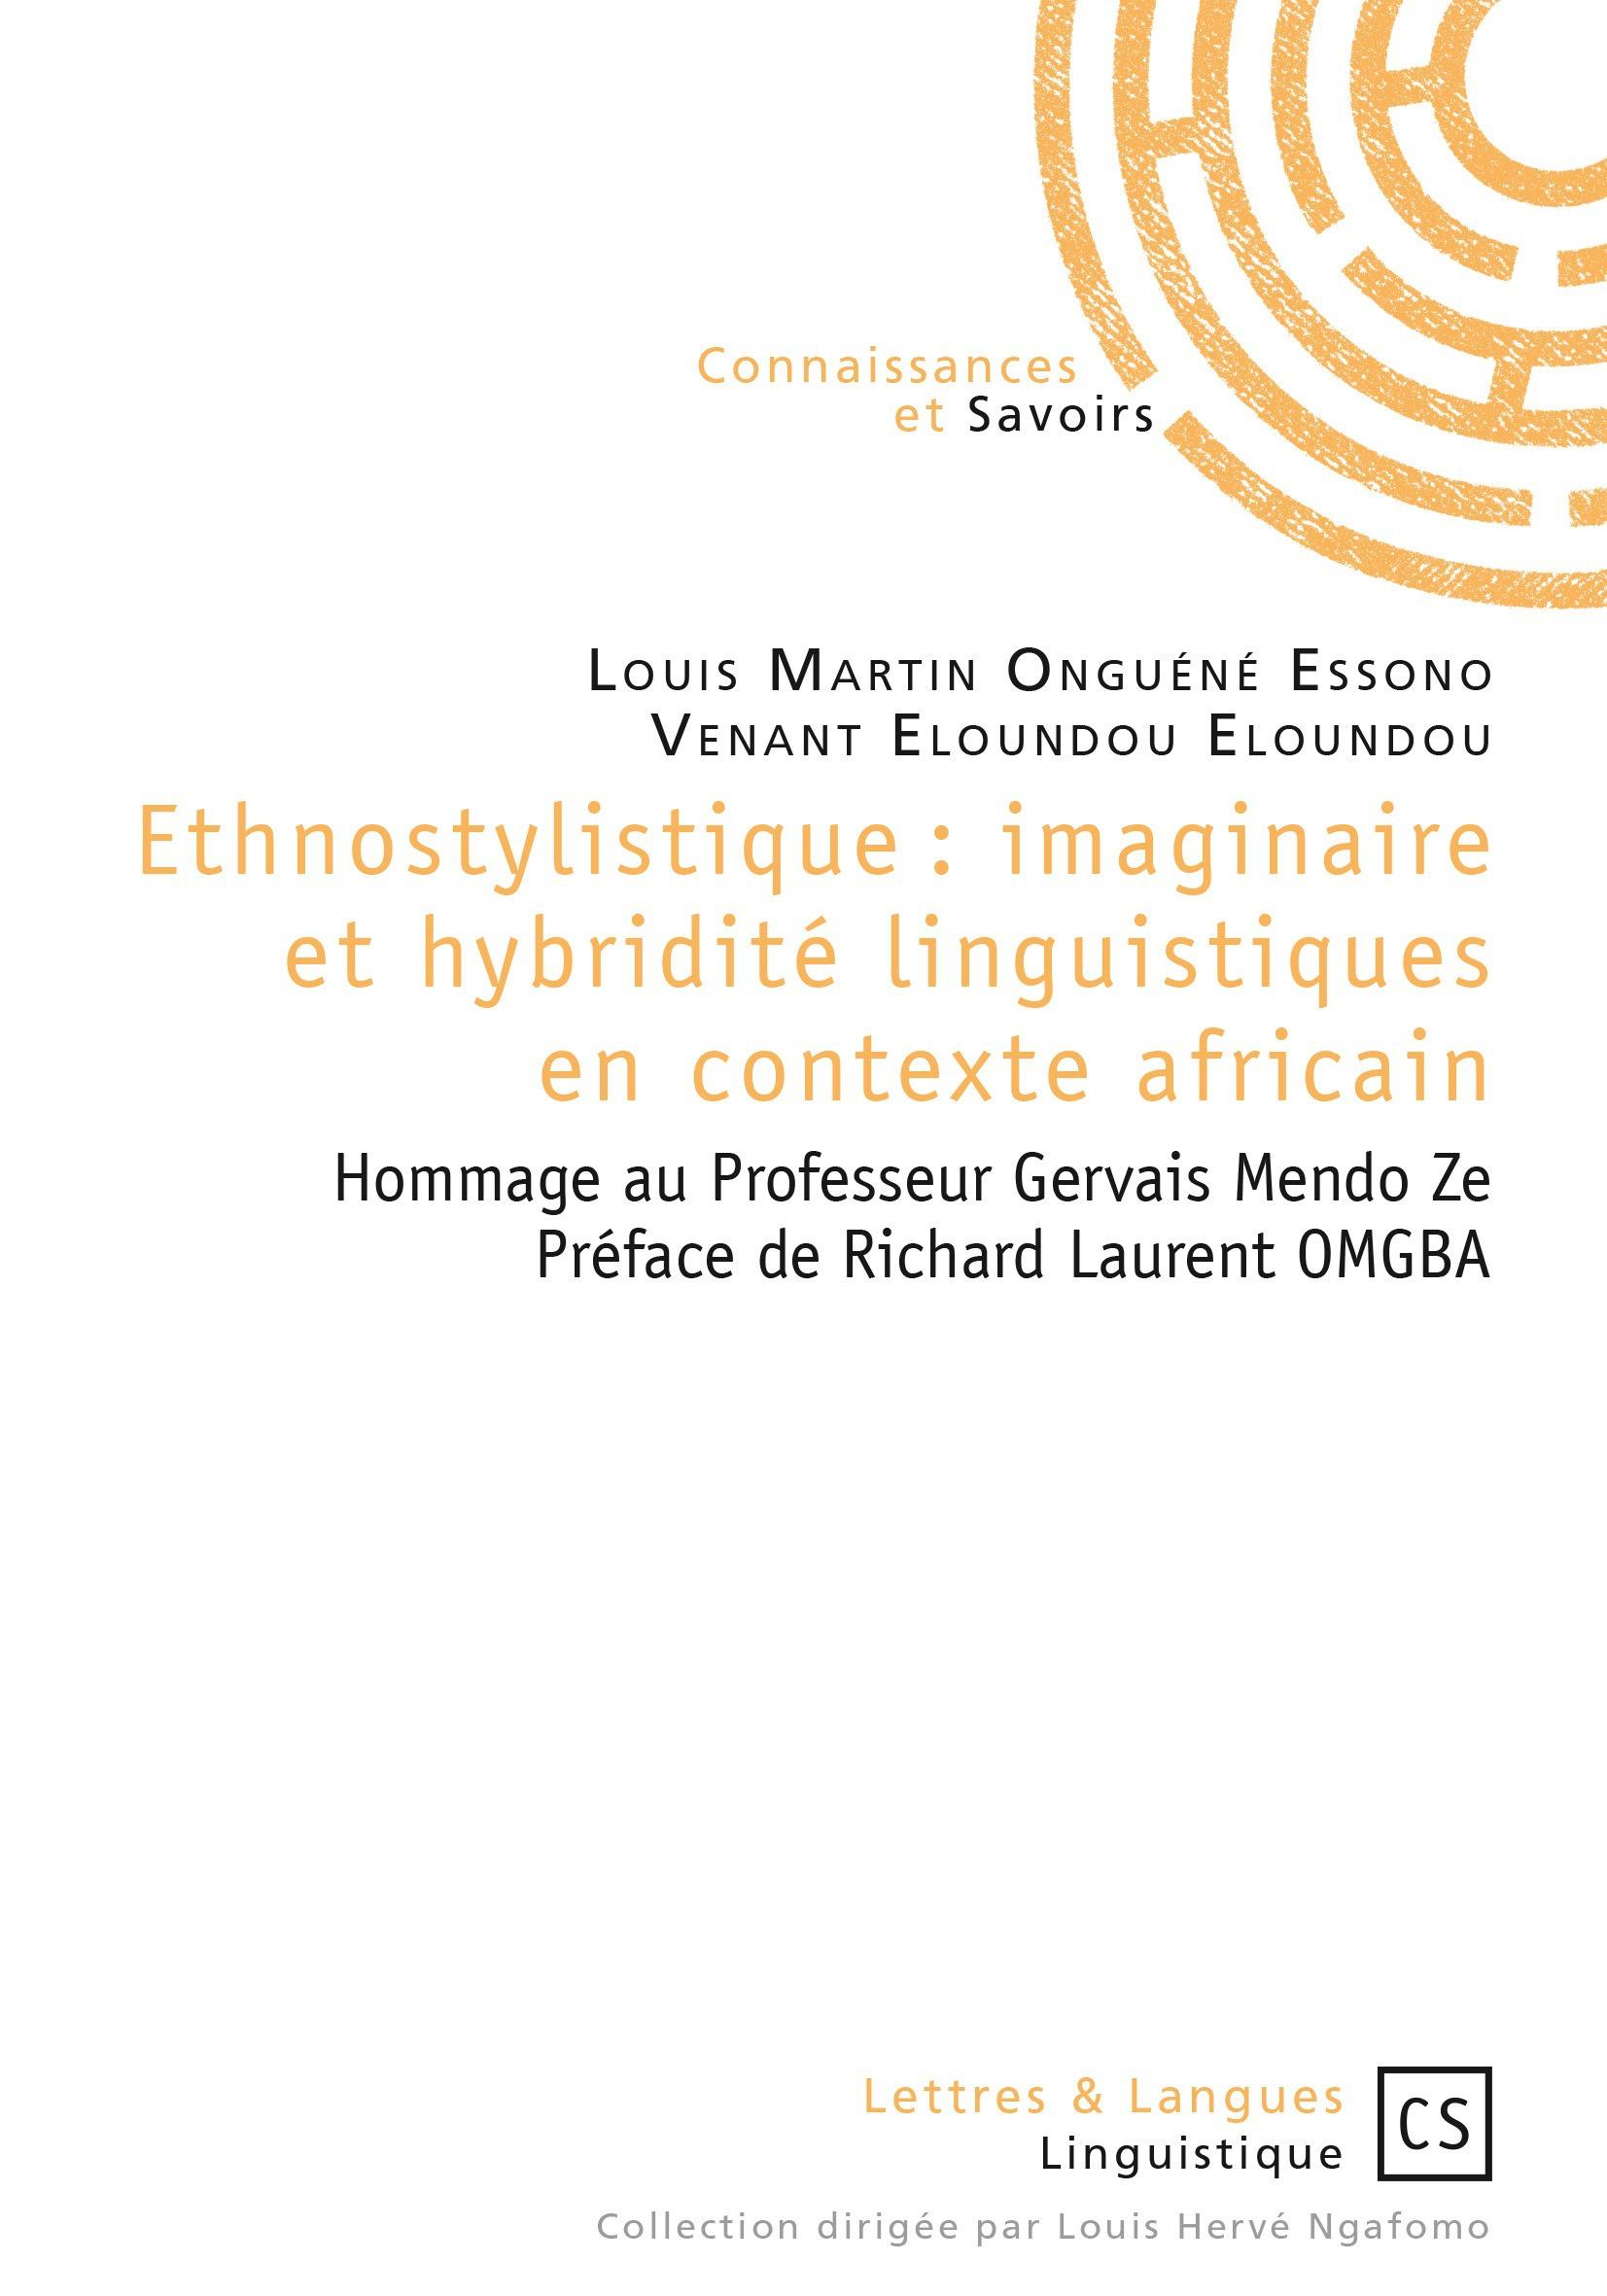 Ethnostylistique : imaginaire et hybridité linguistiques en contexte africain